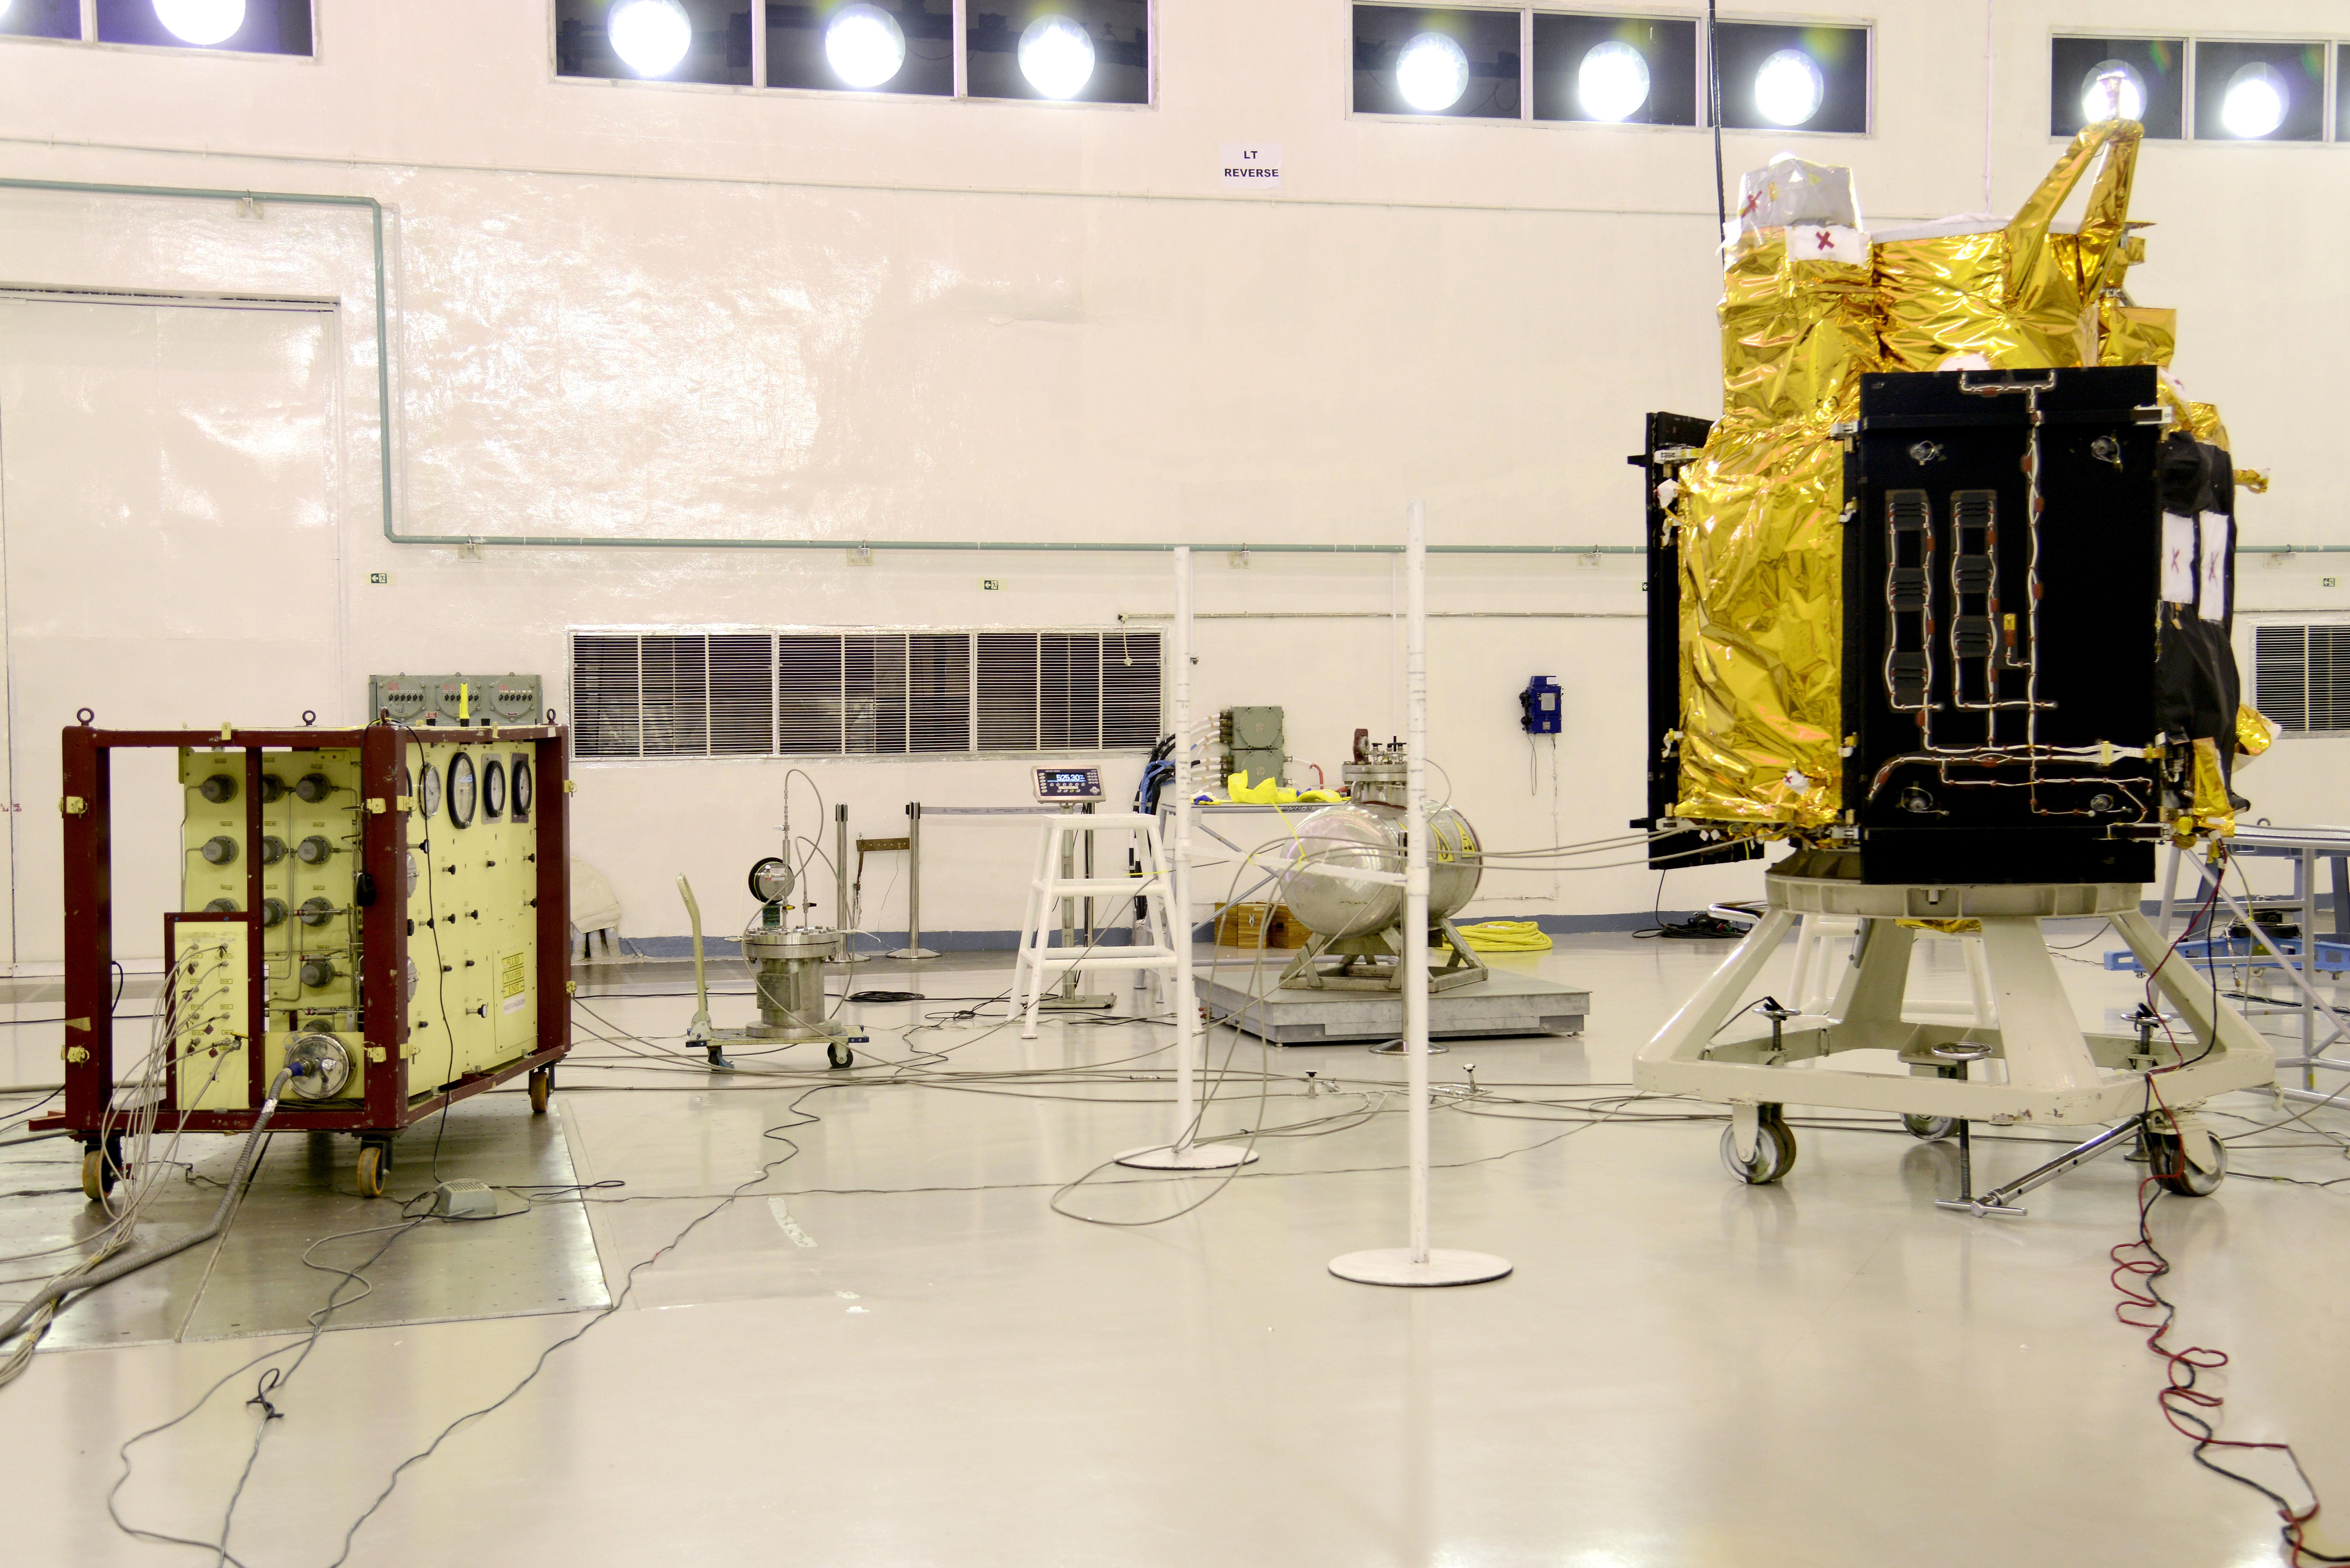 Fases del lanzamiento de la misión C36 (ISRO).